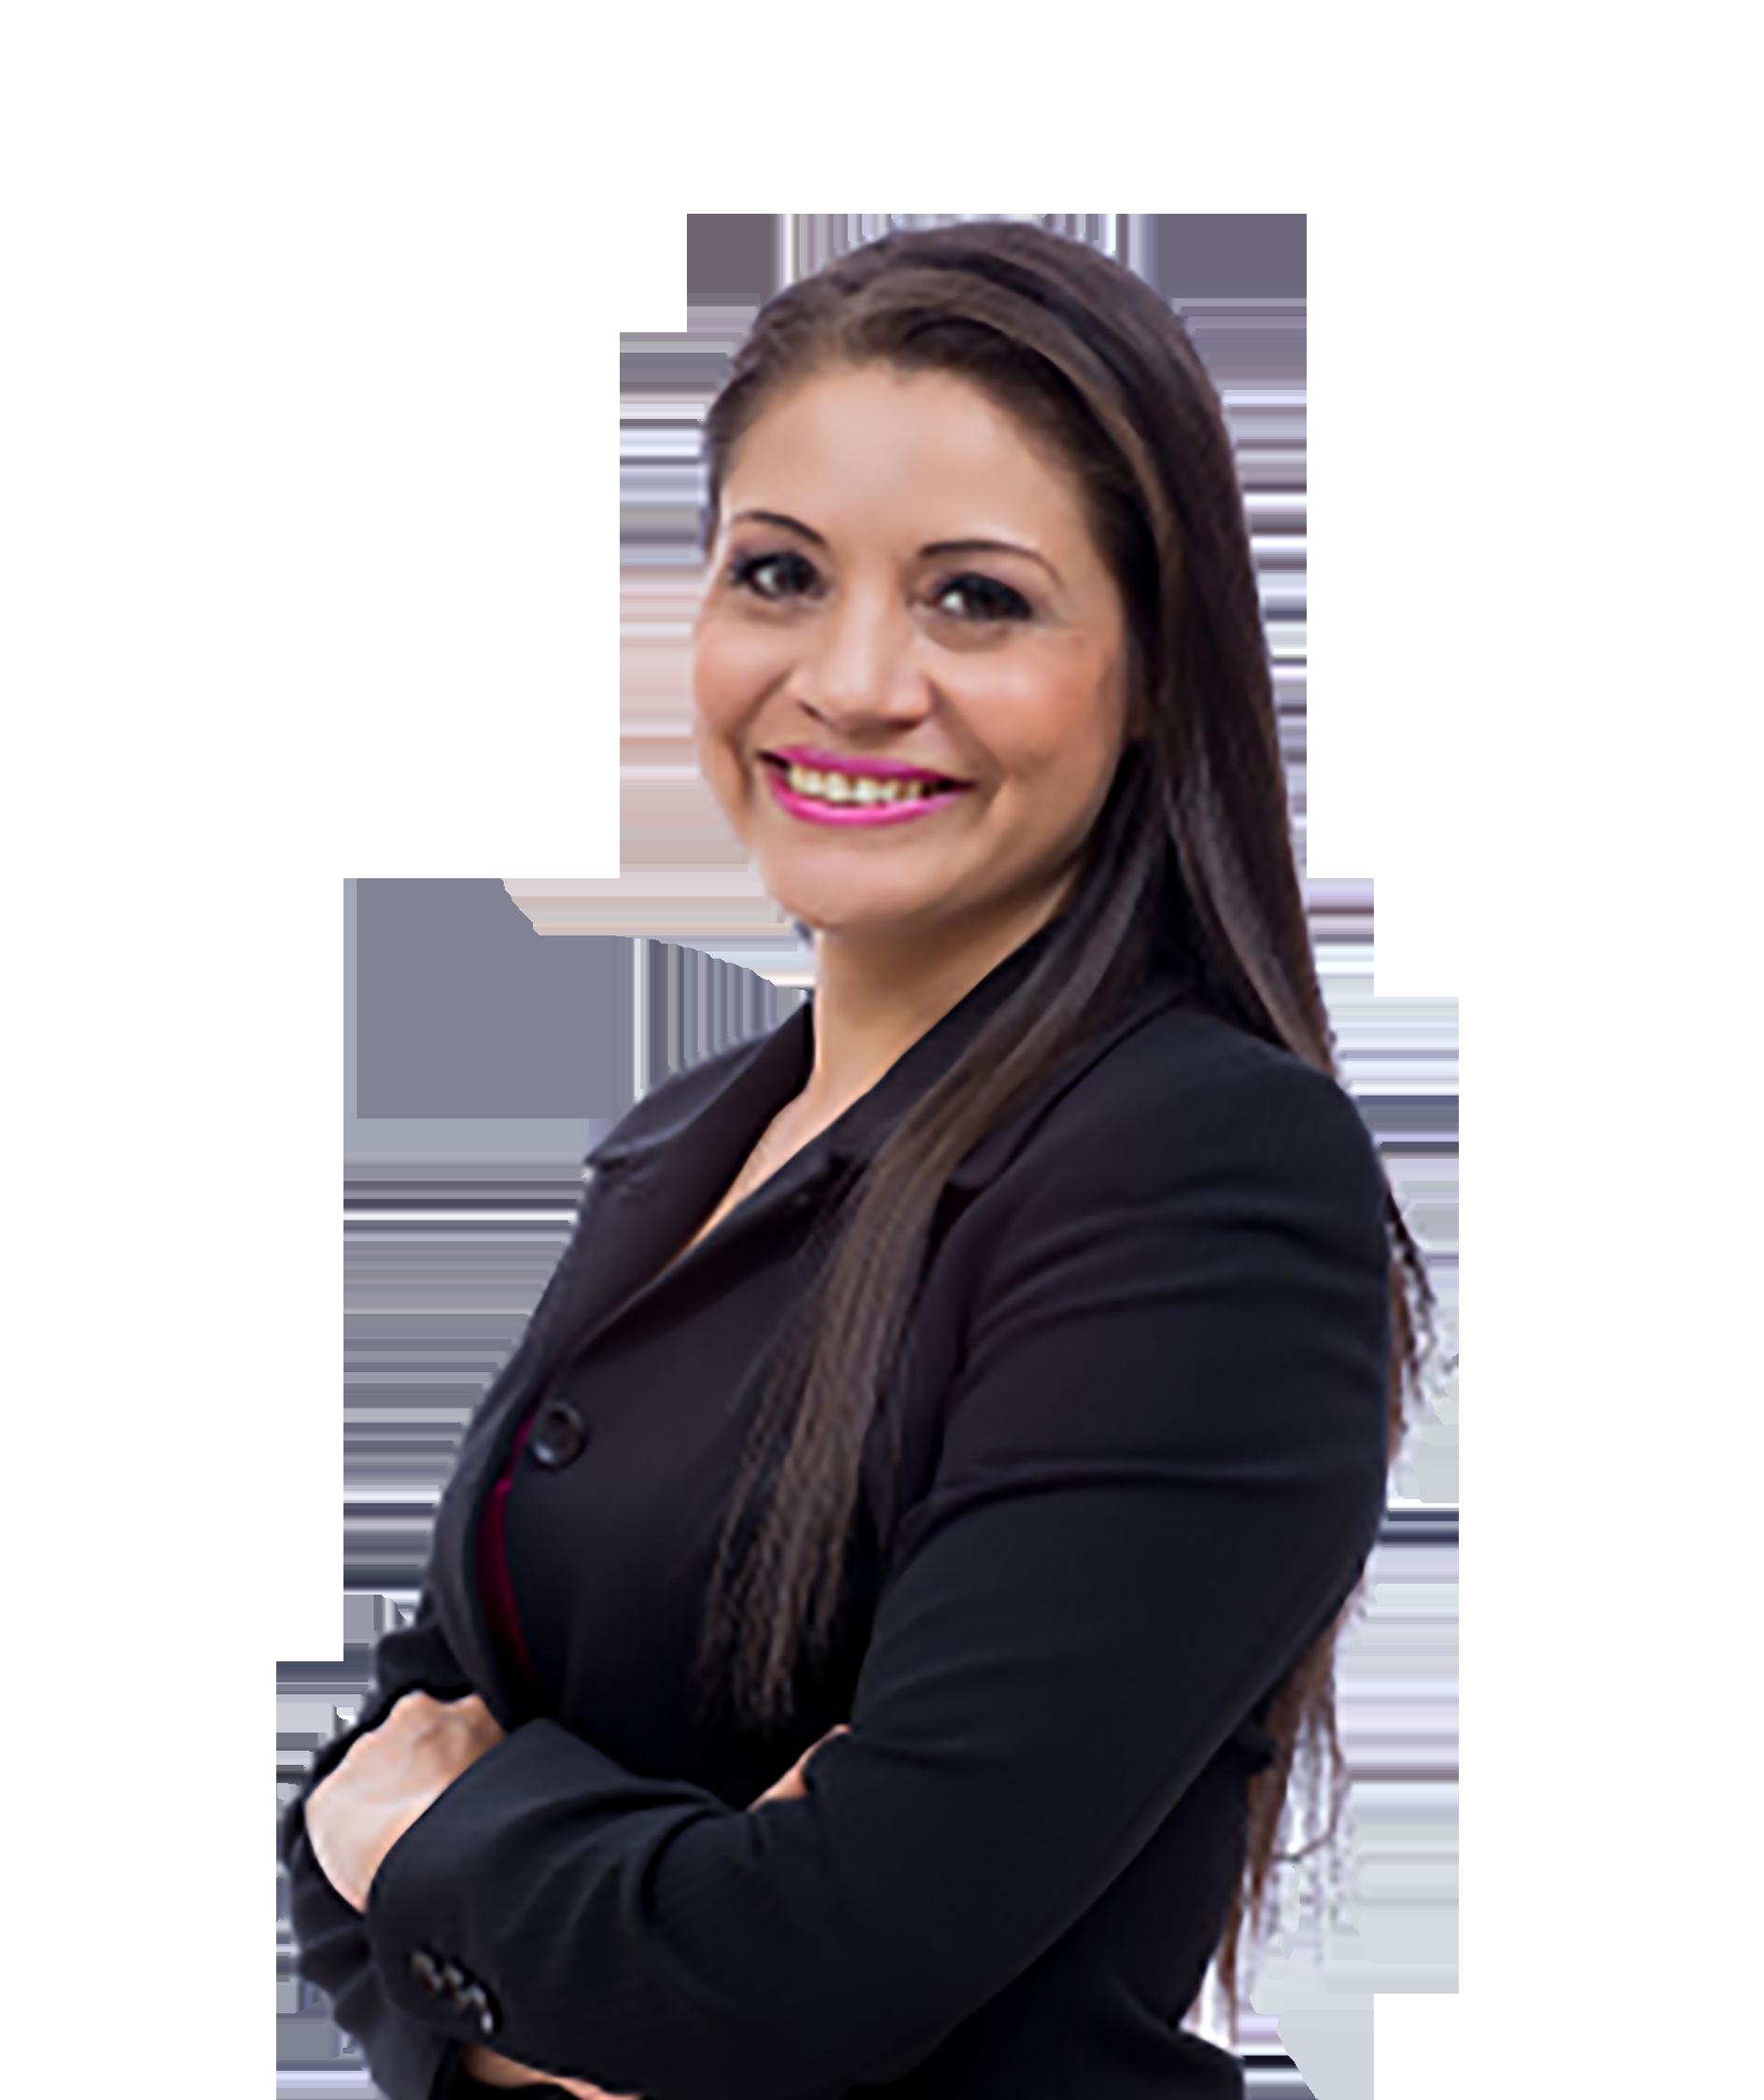 Mariela Castillo